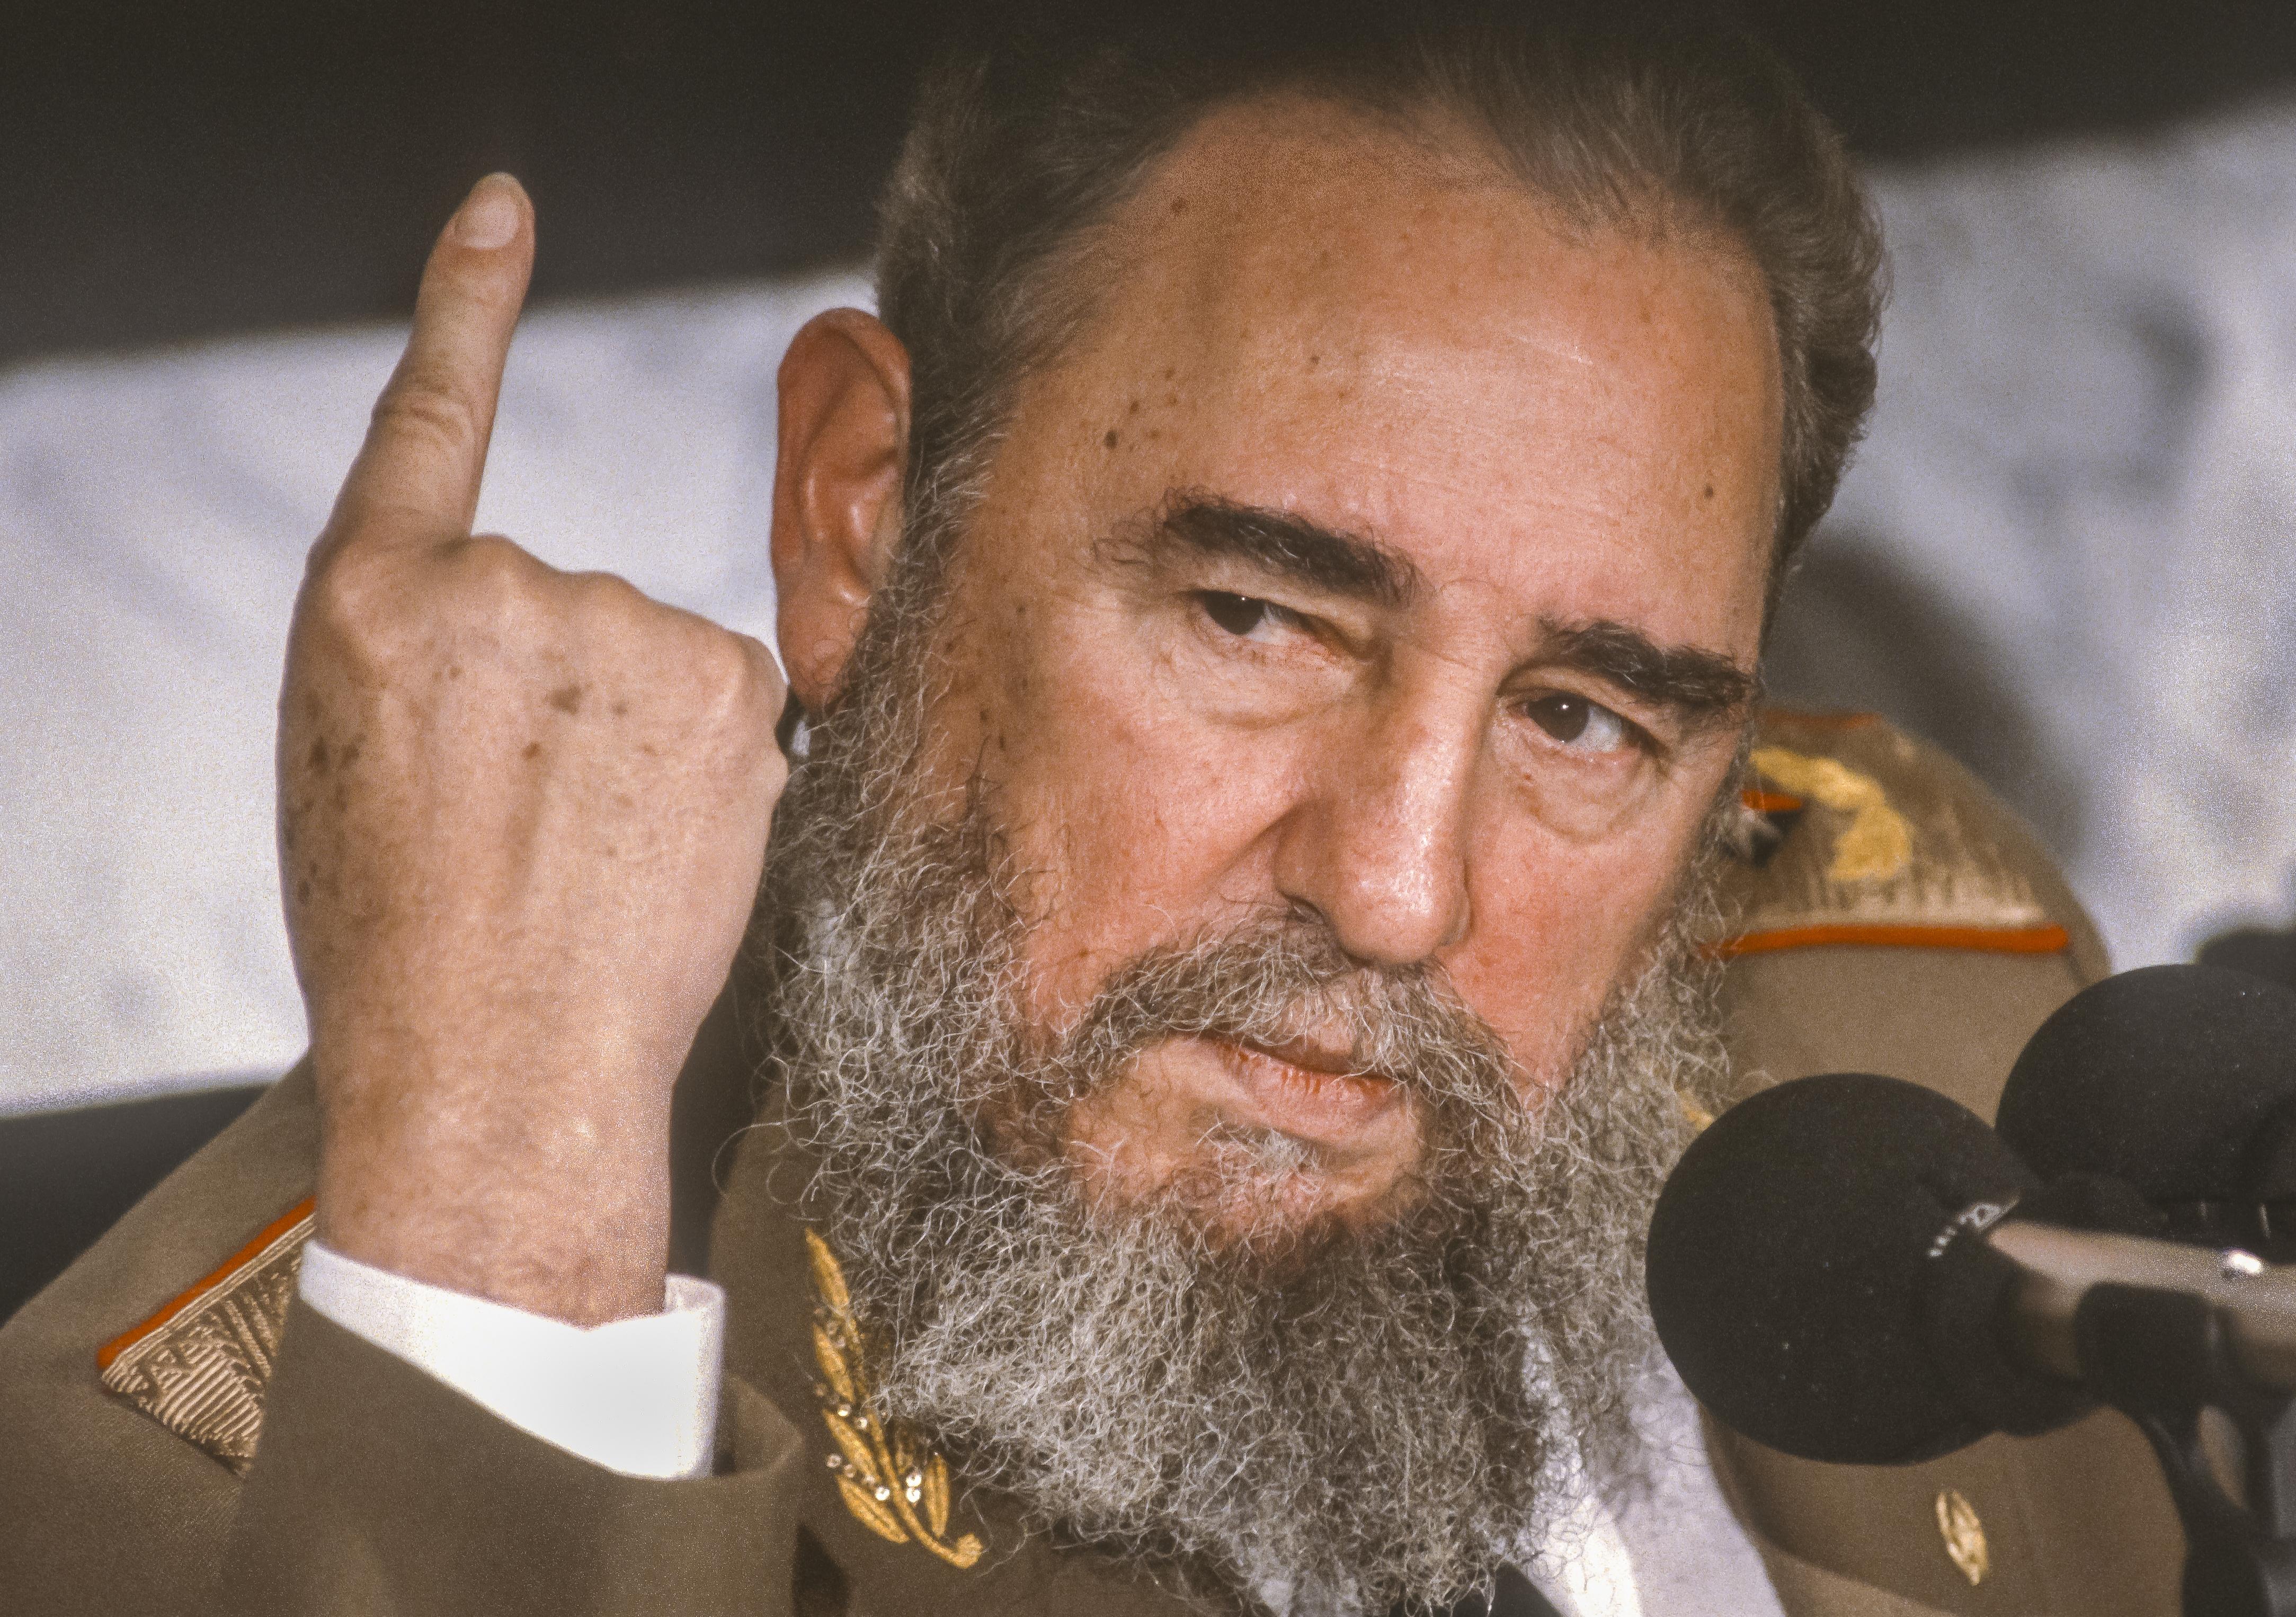 Fidel castro. Photo: Shutterstock